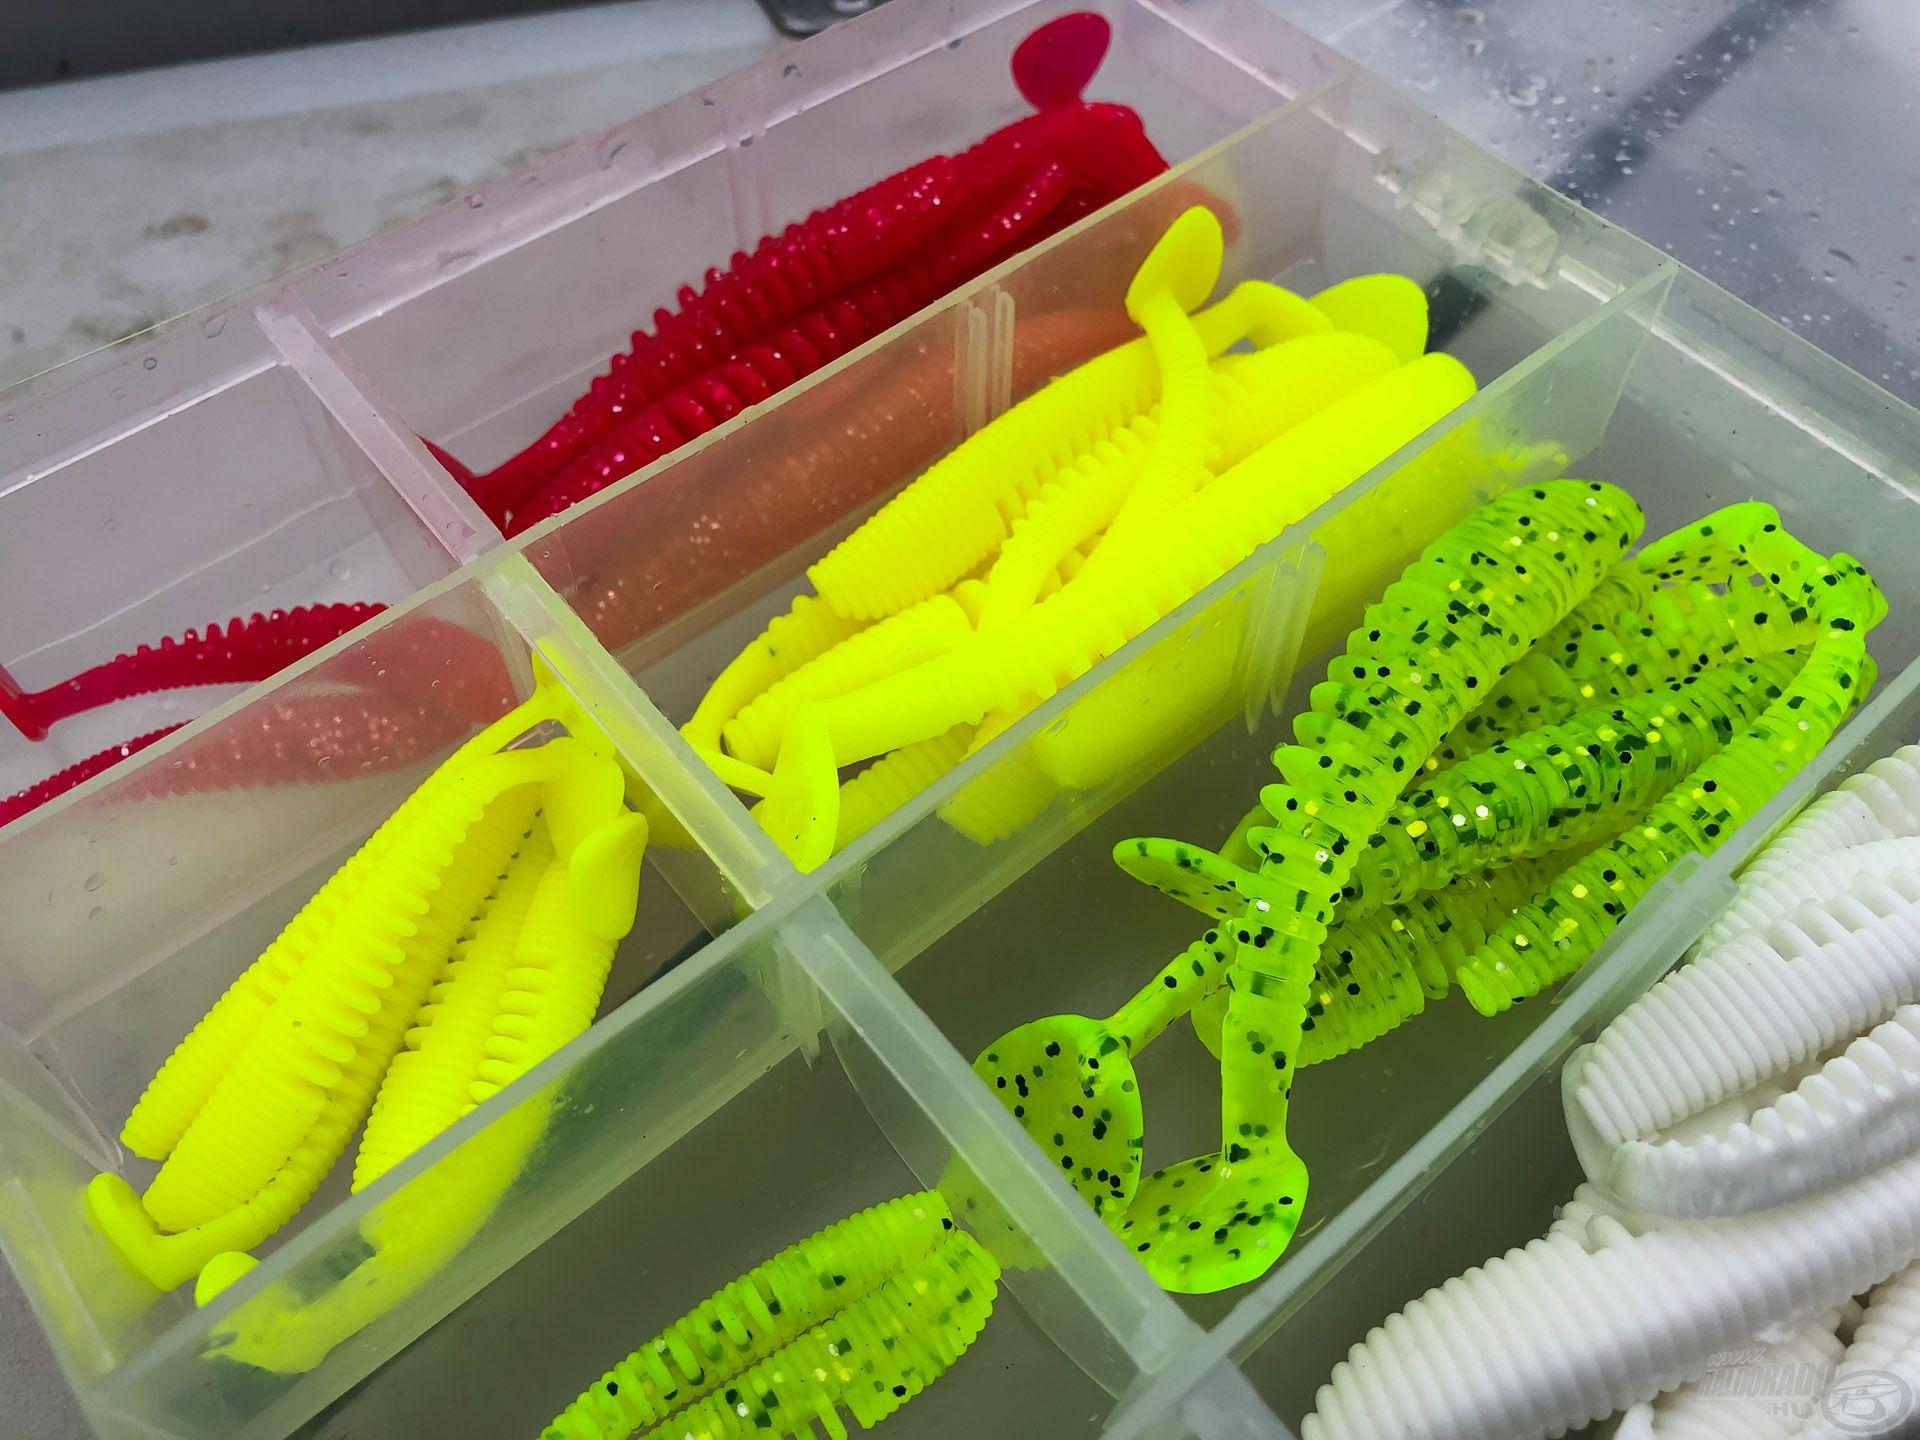 Nagyon megkedveltem ezeket a Nevis Impulse Shad gumihalakat, hiszen Awaruna jellegű formája van, plusz ez a zöld szín nagy favorit